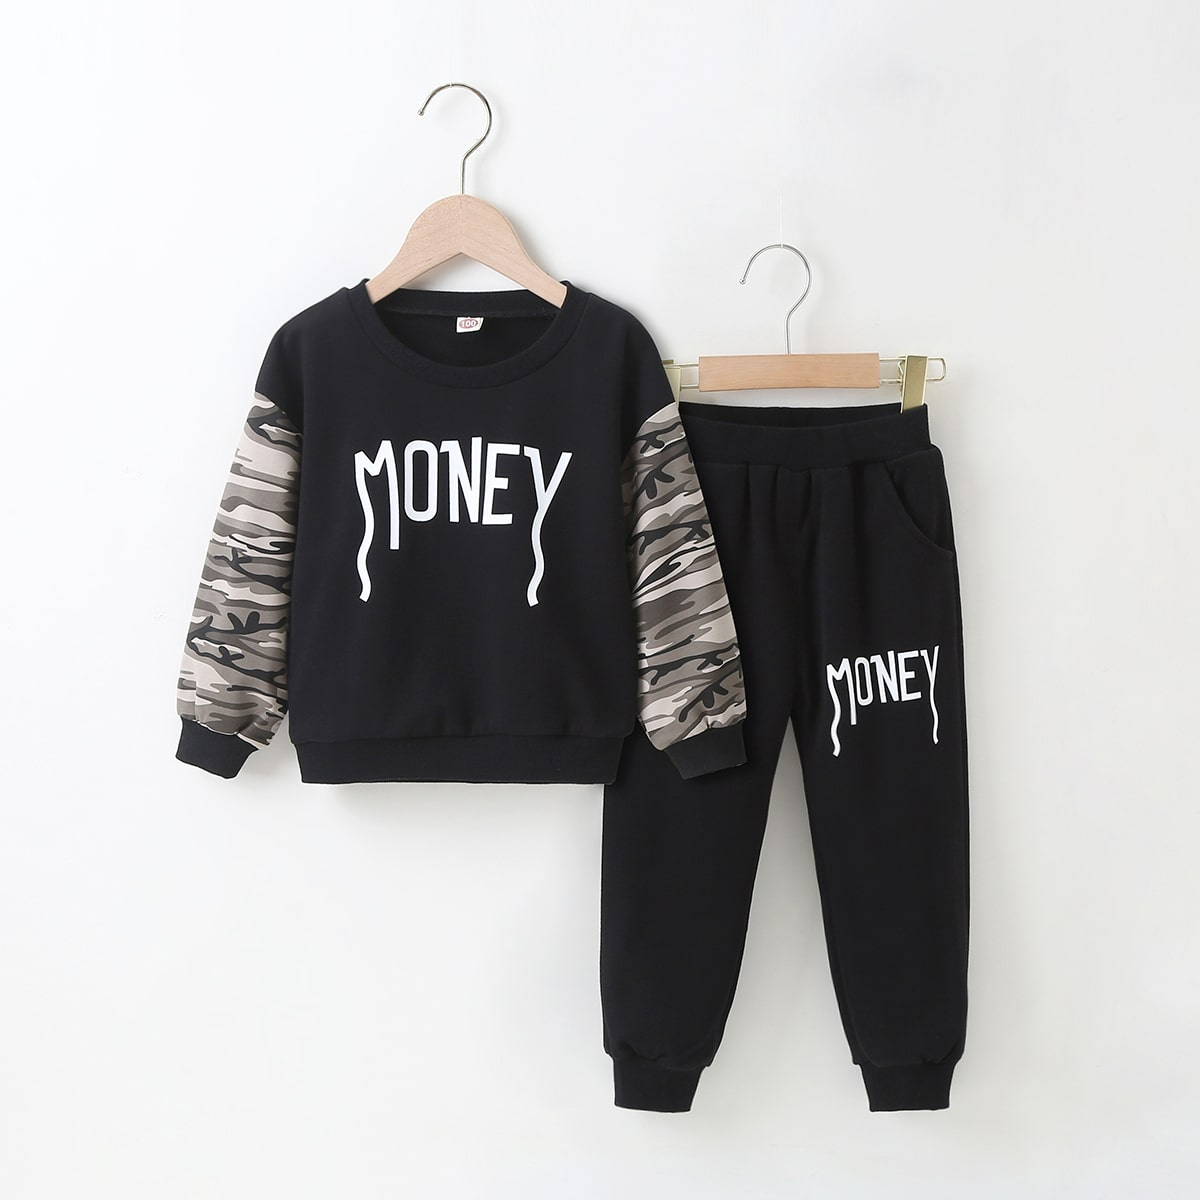 Свитшот и спортивные брюки с текстовым принтом для мальчиков